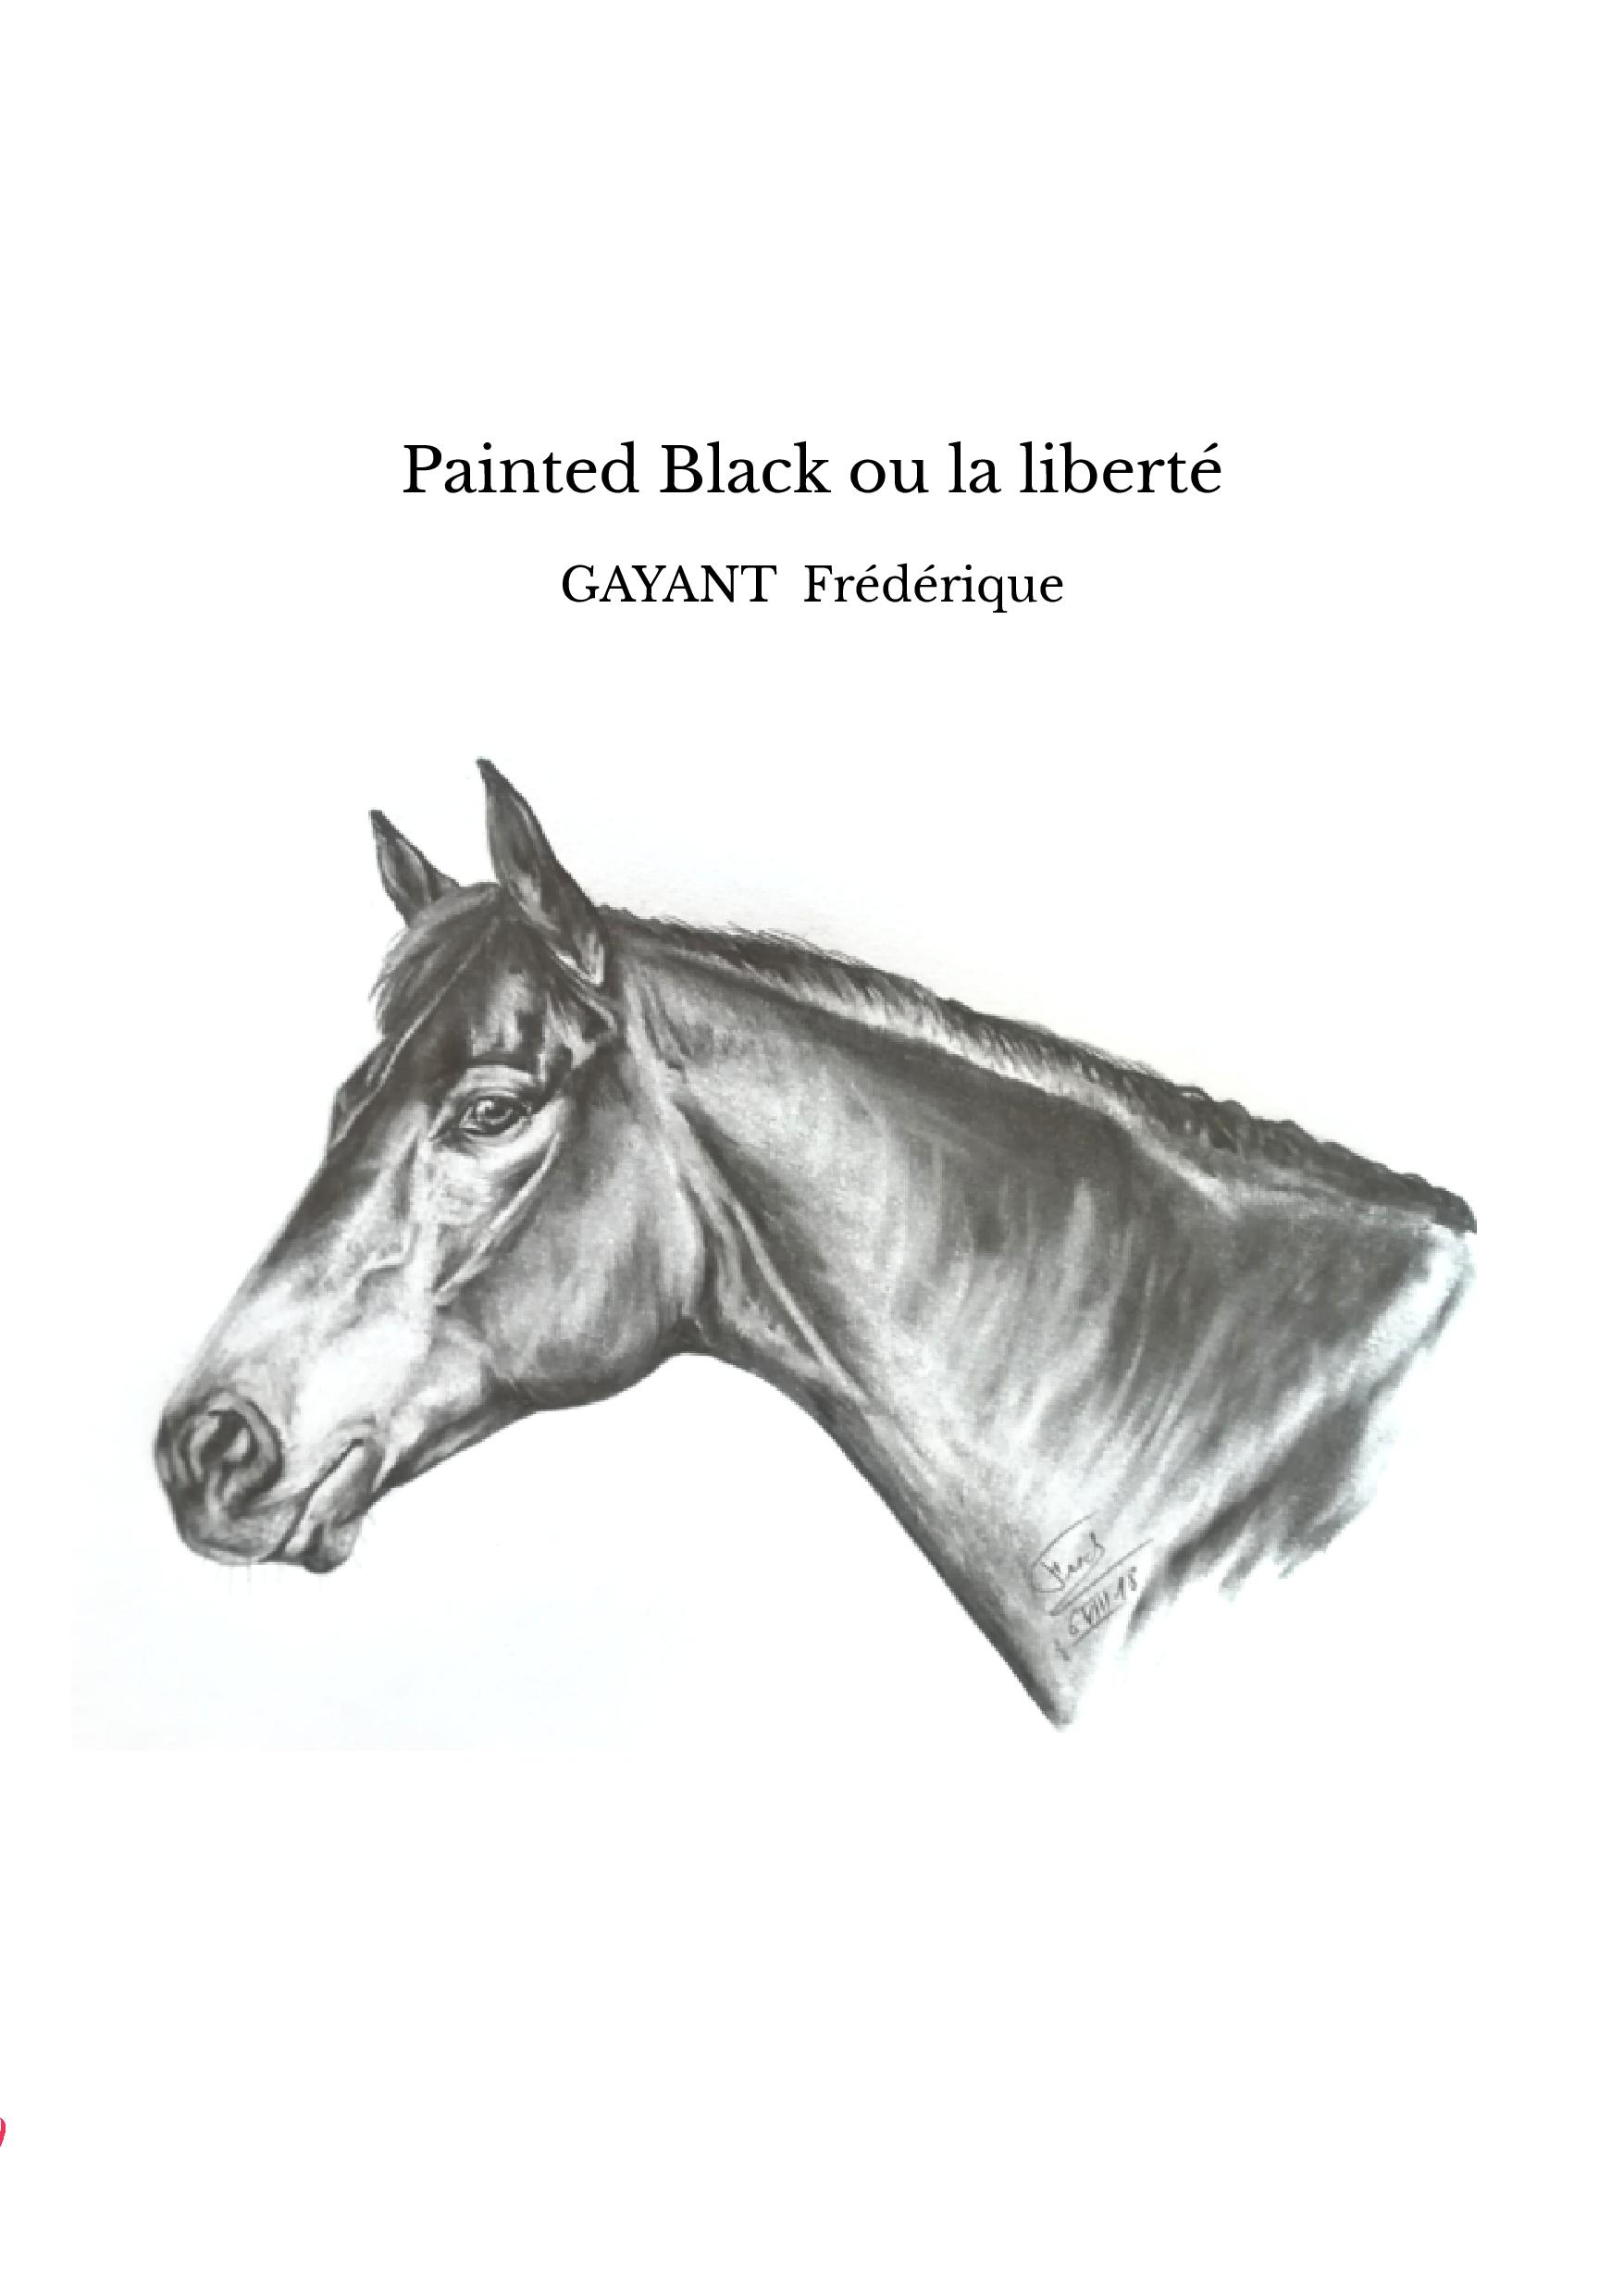 Painted Black ou la liberté